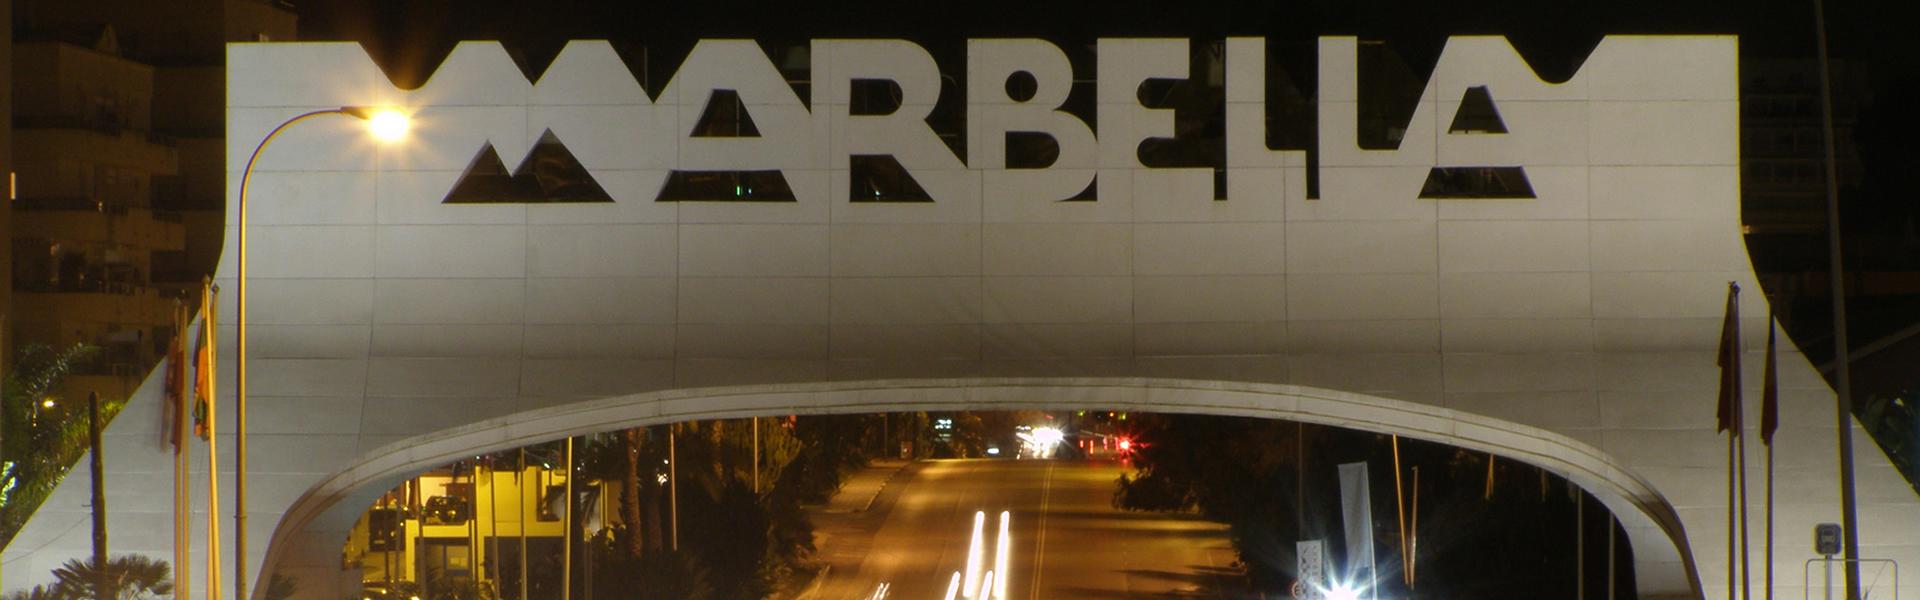 Marbella Design Academy - Marbella arch